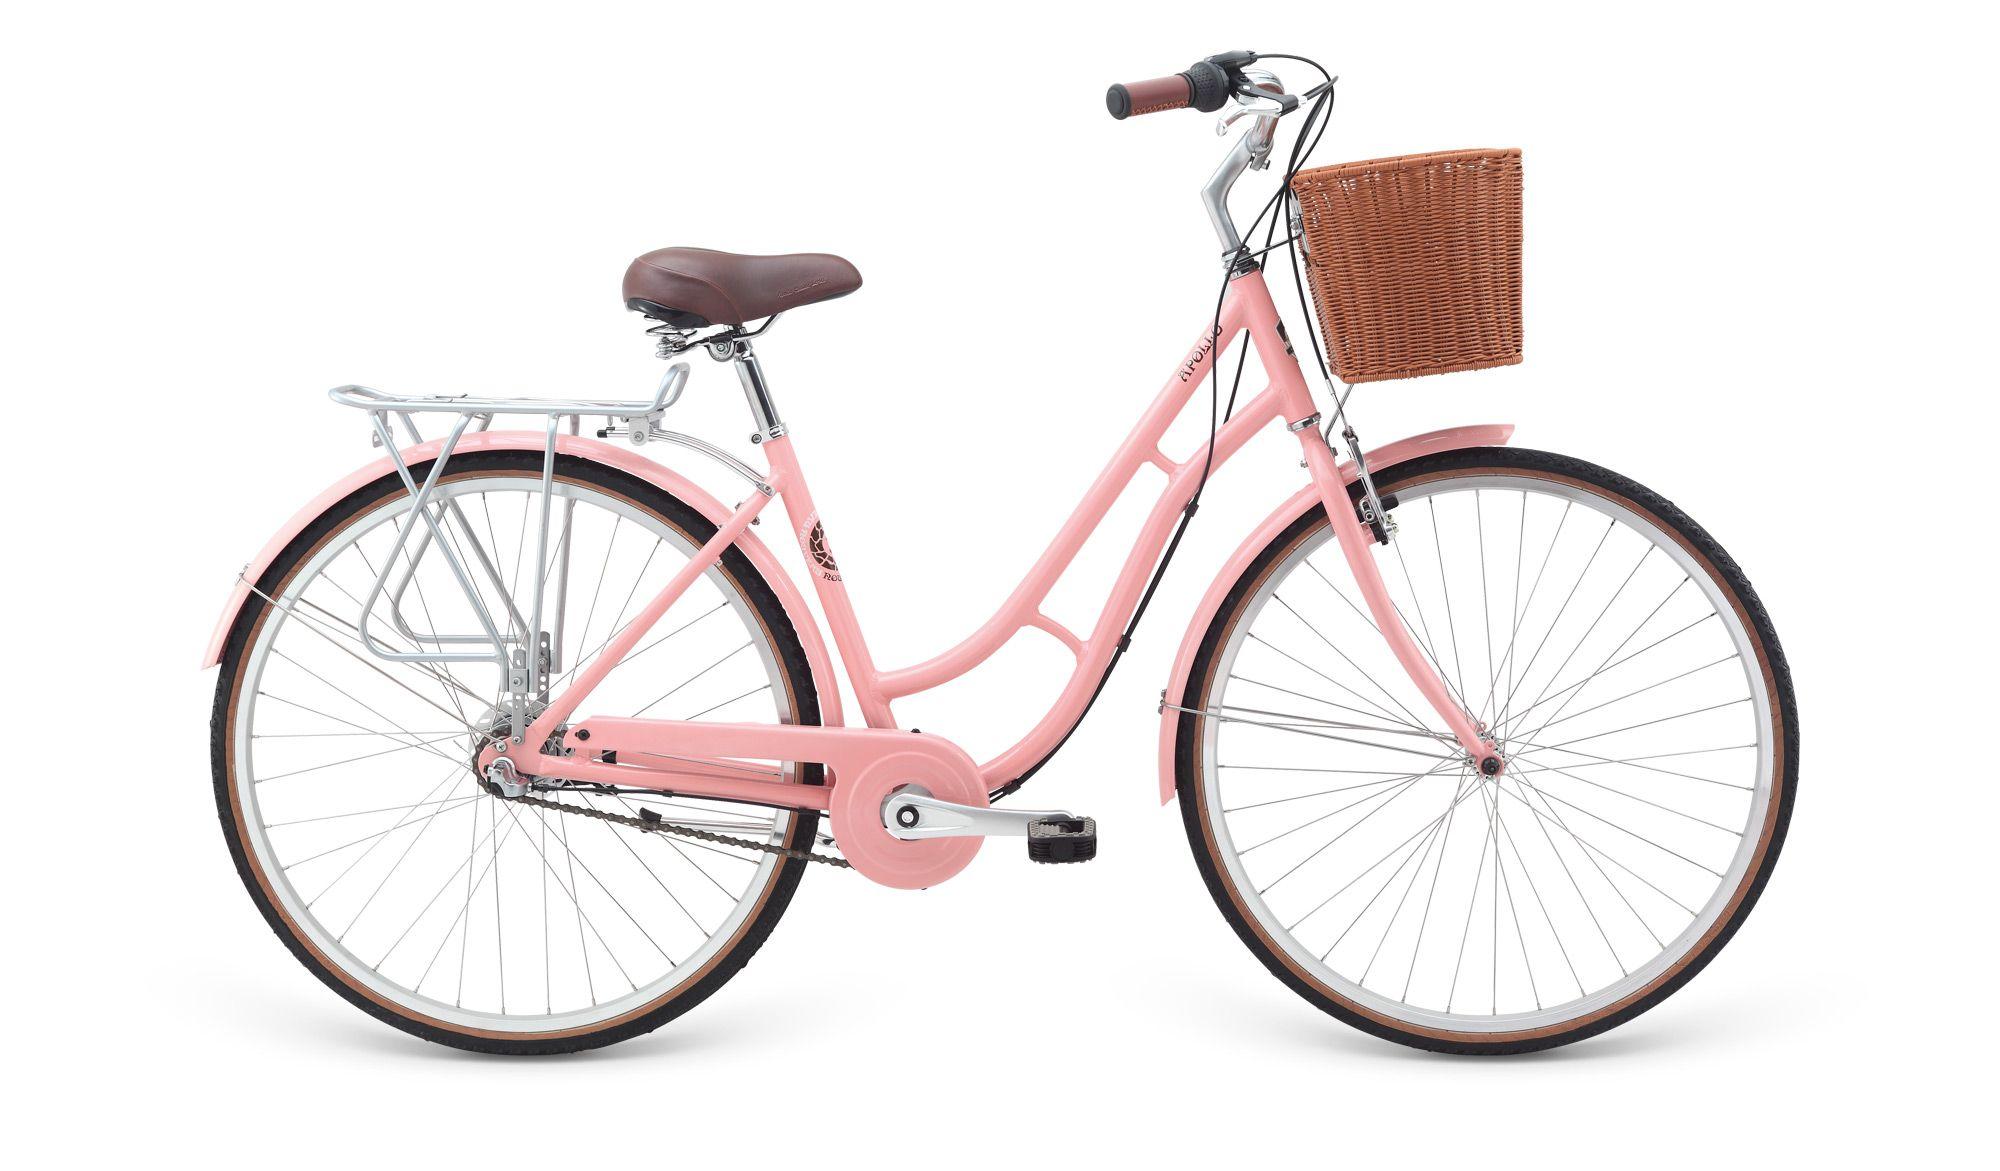 2014 Bicycle Range - NOUVEAU 3 WS PINK - Apollo Bikes